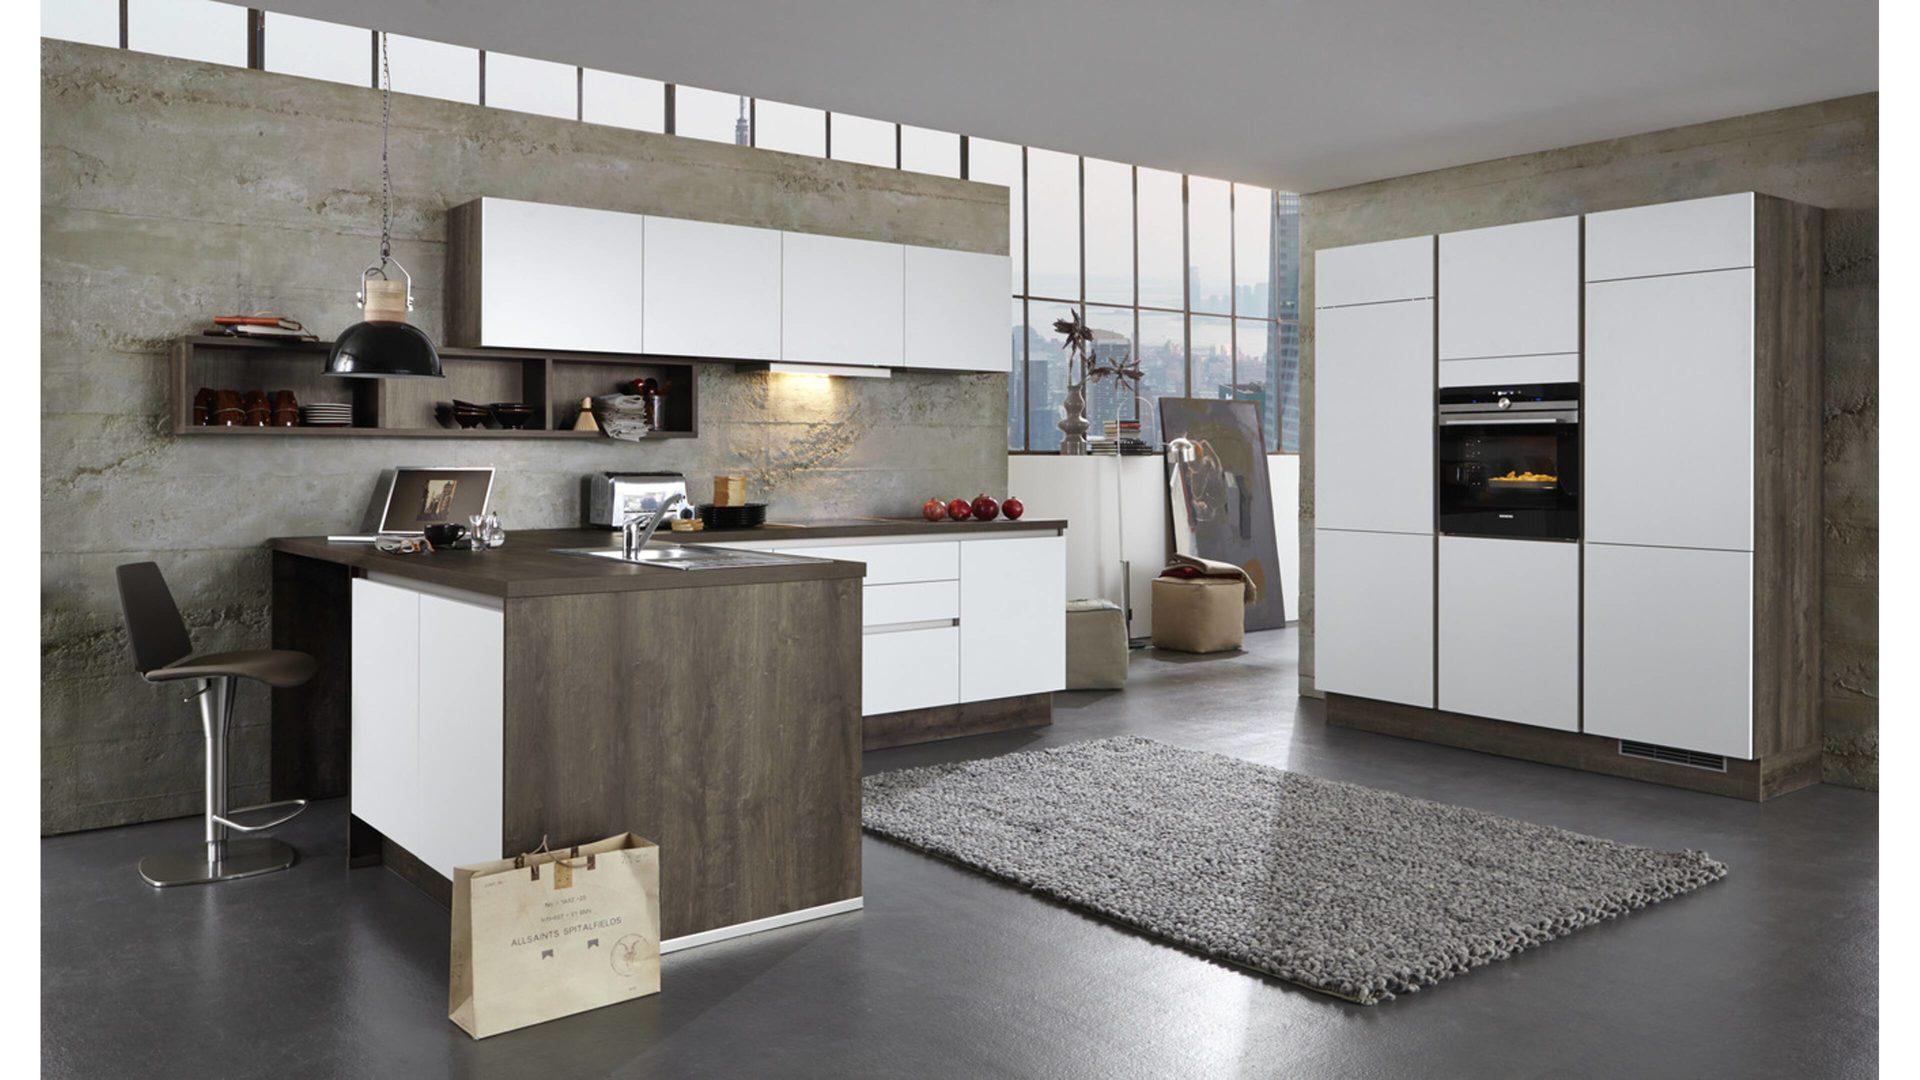 Hochwertig Einbauküche Brigitte Küchen Frickemeier   Culineo Aus Holz In Weiß Culineo L  Küche Mit SIEMENS